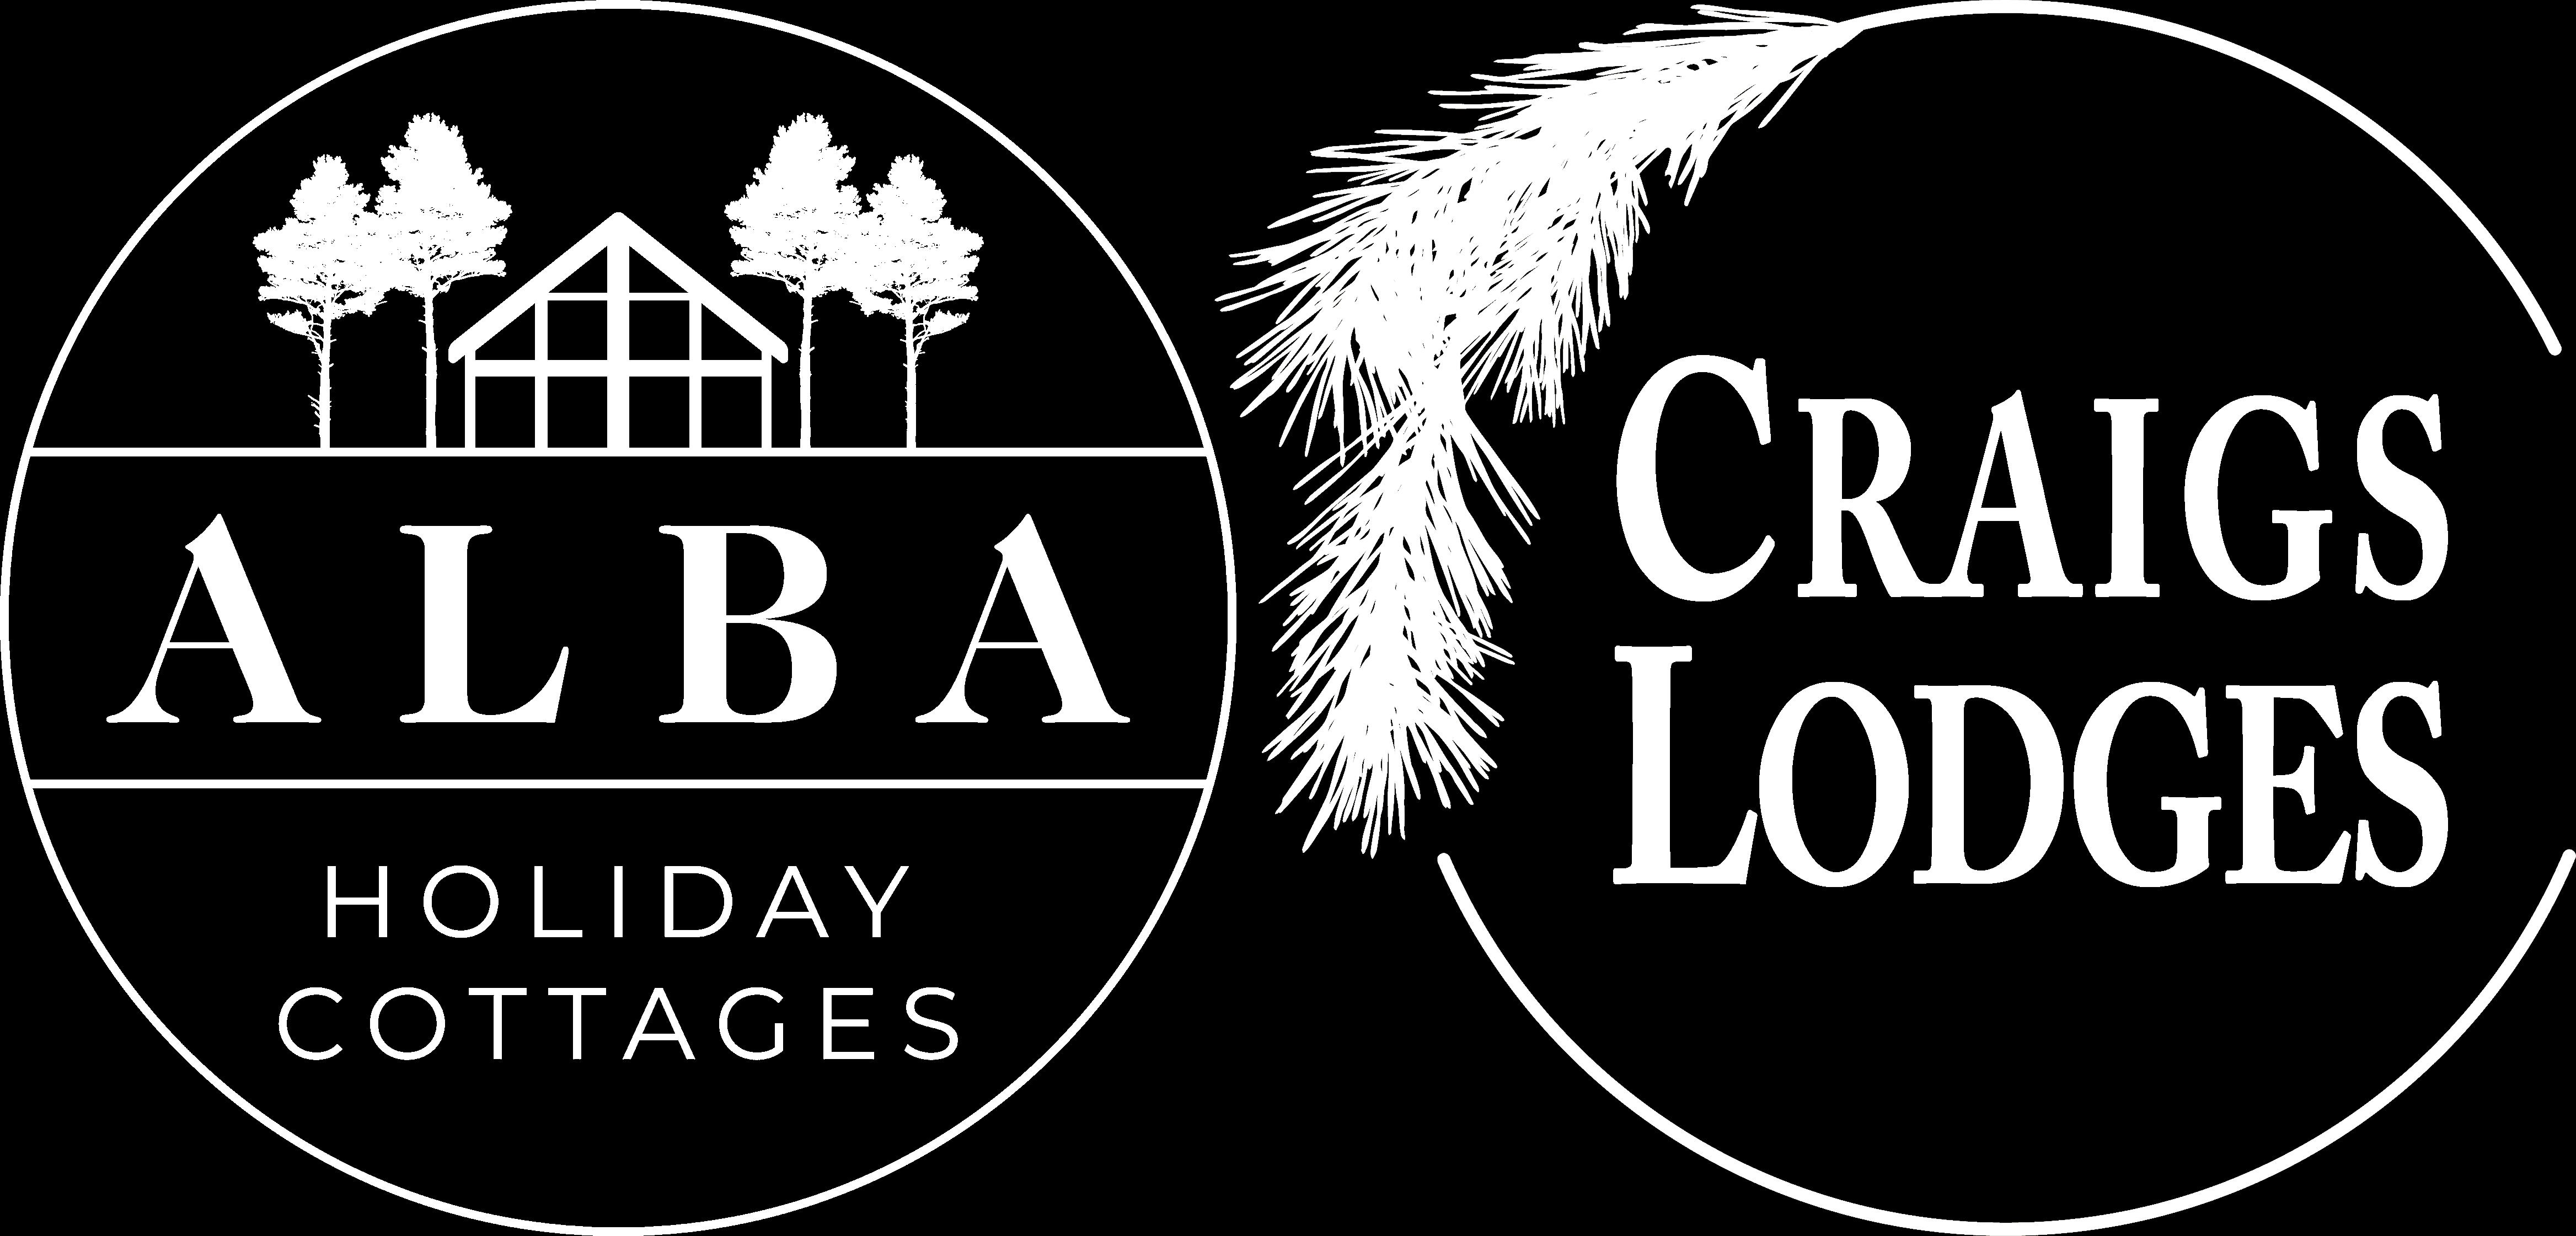 Alba Holiday Cottages & Craigs Lodges - white logo